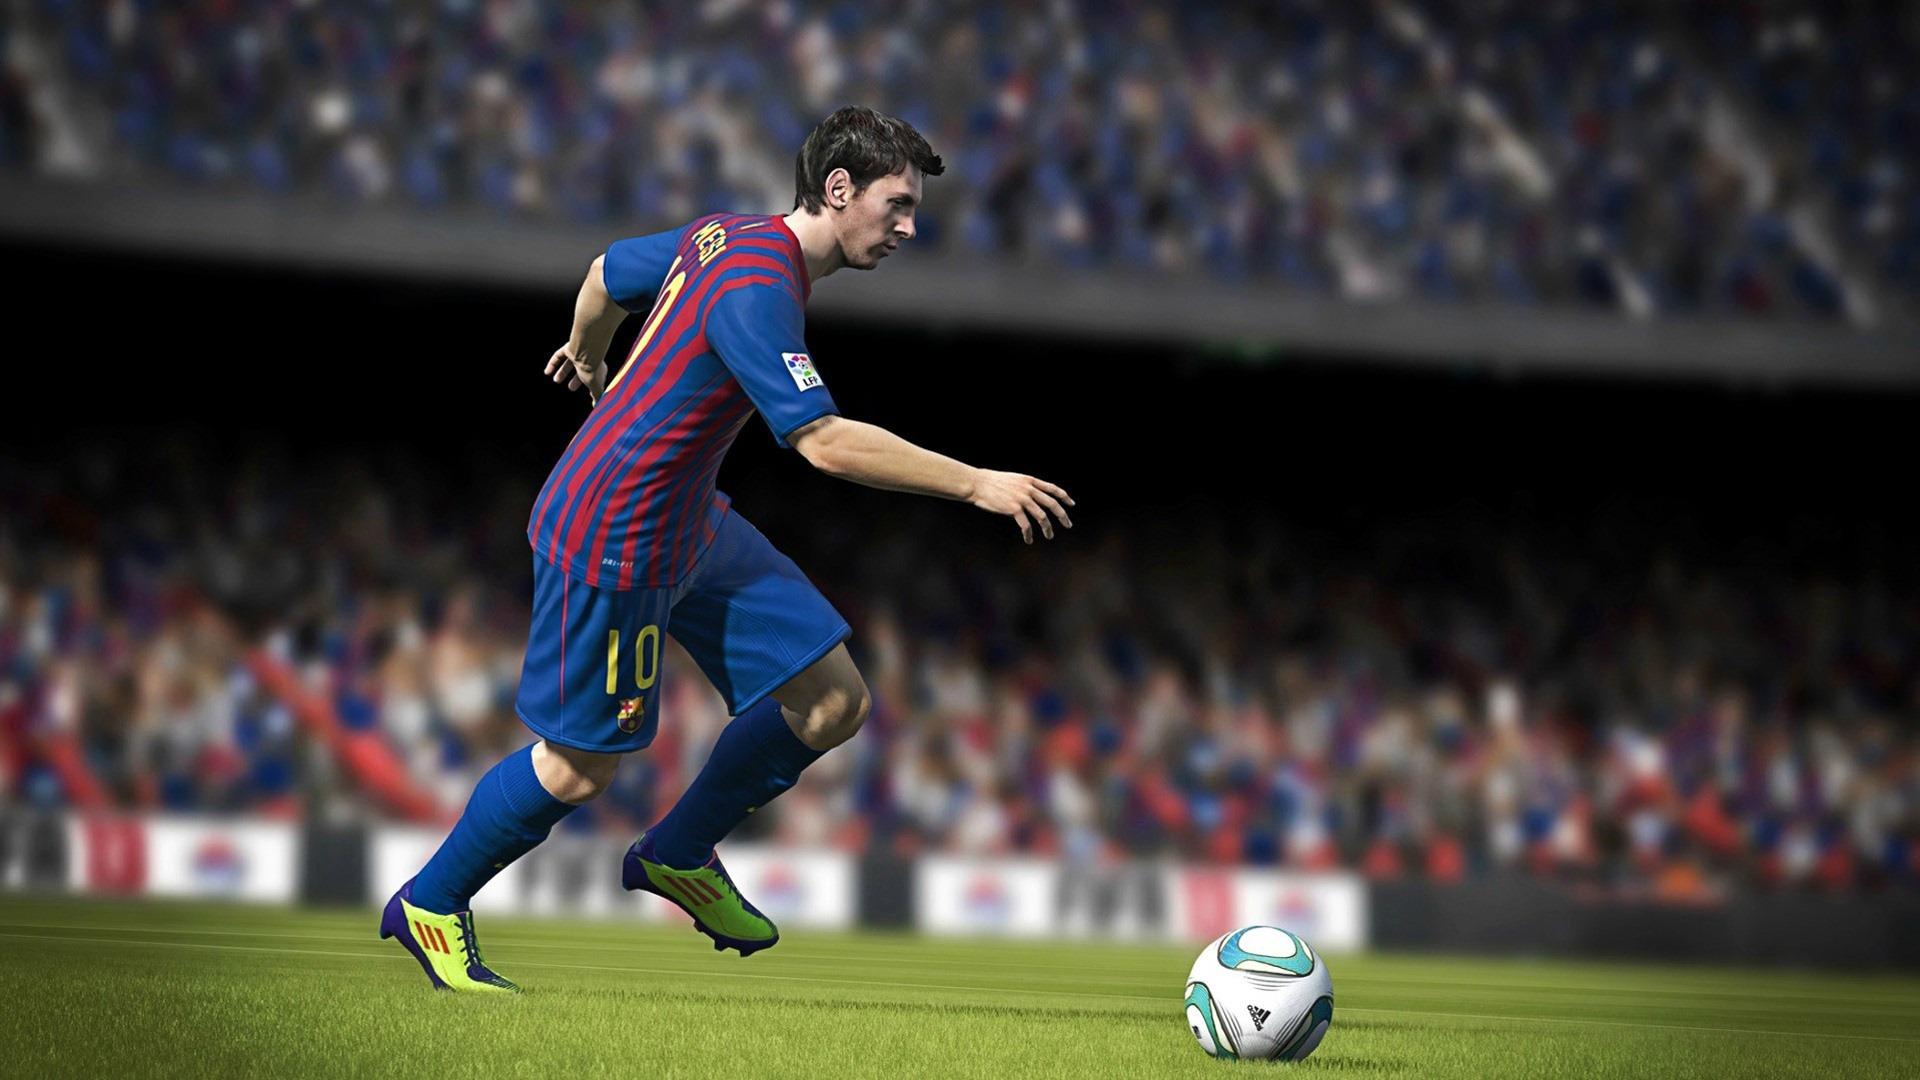 FIFA 13 Game HD Wallpaper   Wallpup.com